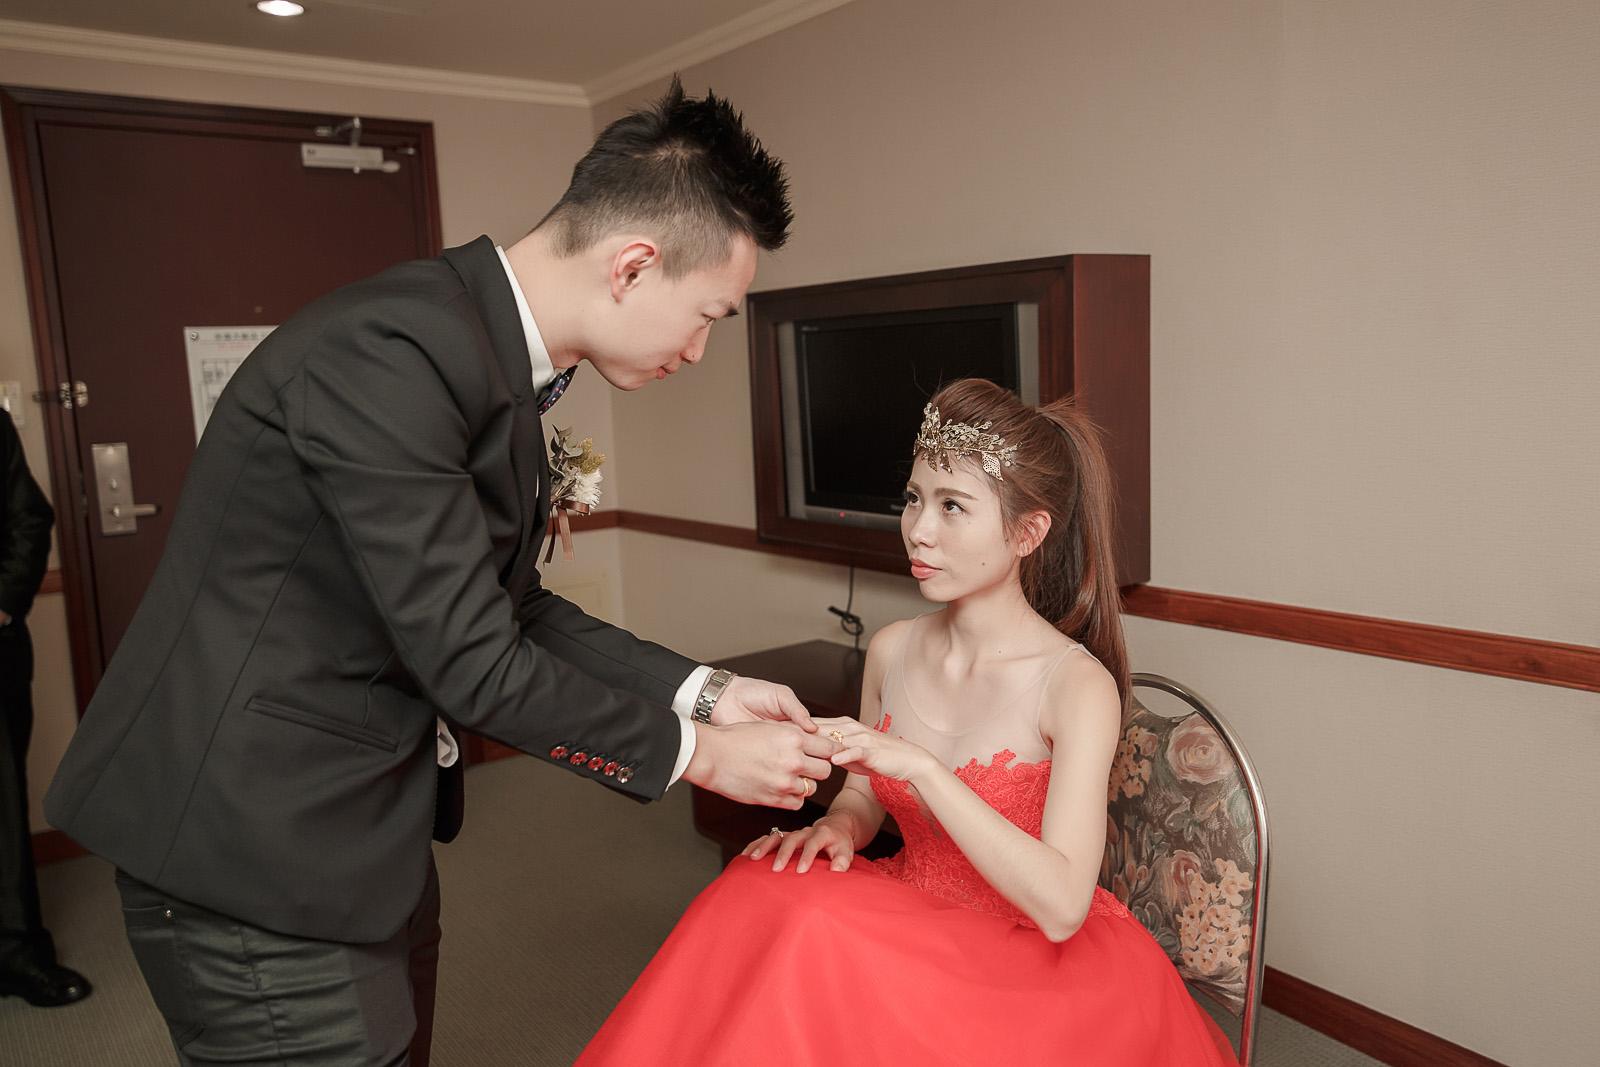 高雄圓山飯店,婚禮攝影,婚攝,高雄婚攝,優質婚攝推薦,Jen&Ethan-037